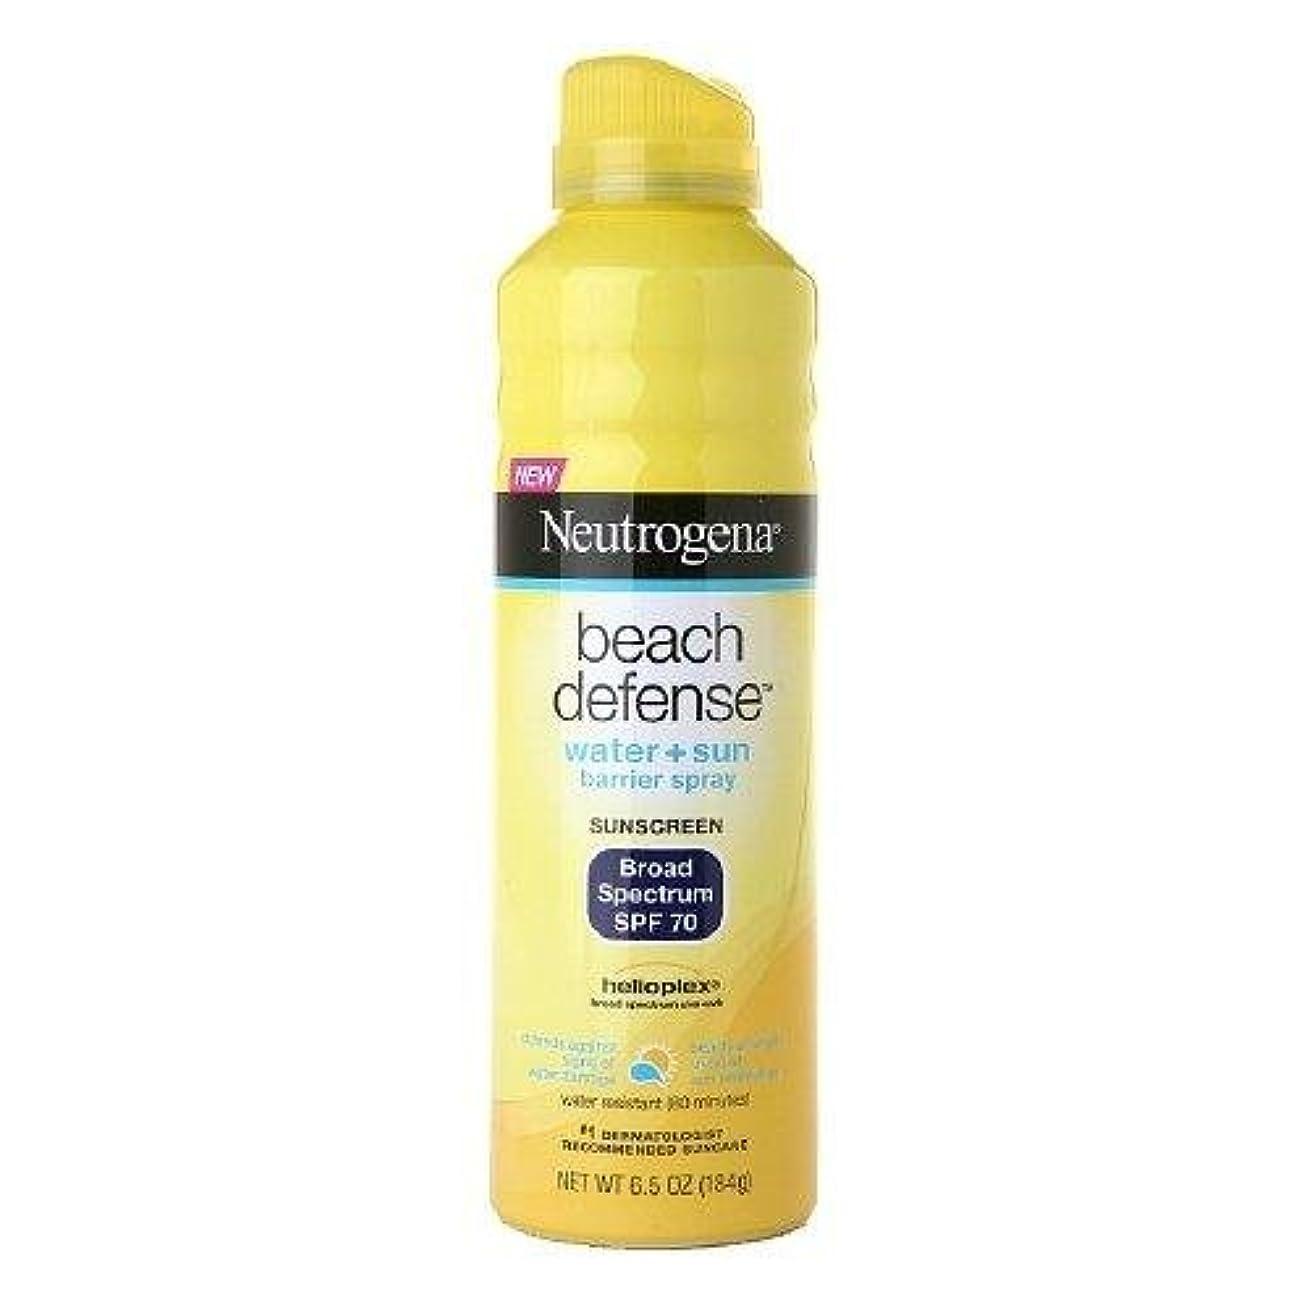 太鼓腹子羊コンパス【海外直送品】 ニュートロジーナ 皮膚科推薦 日焼け止めスプレー SPF70 184g  Neutrogena Beach Defense Broad Spectrum Sunscreen Spray, SPF 70, 6.5 oz